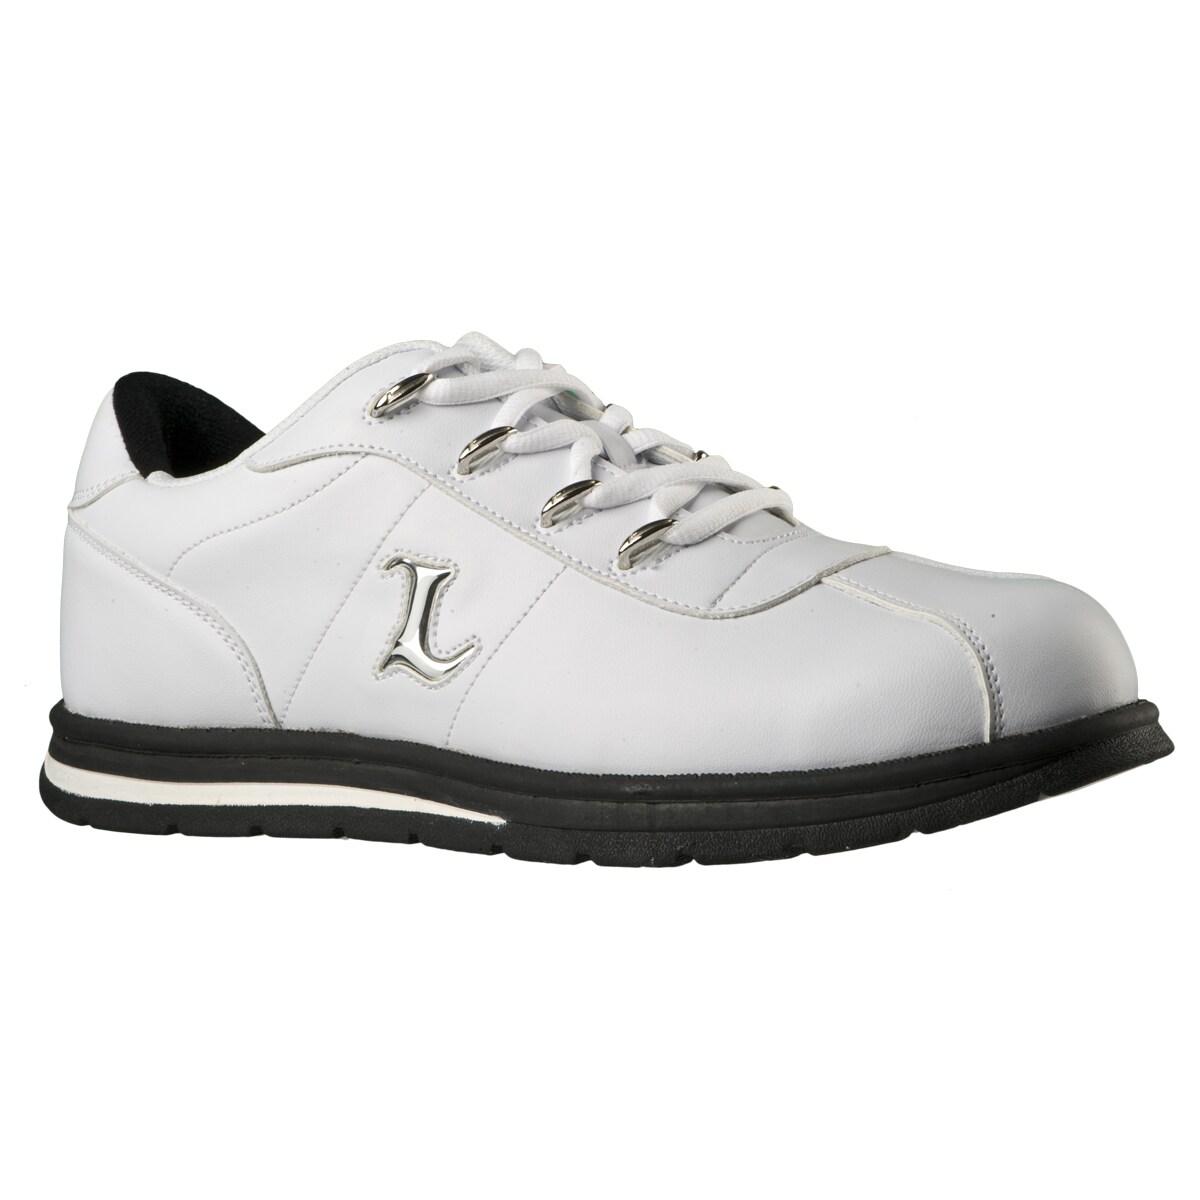 Lugz Men's Zrocs DX Oxford Shoes